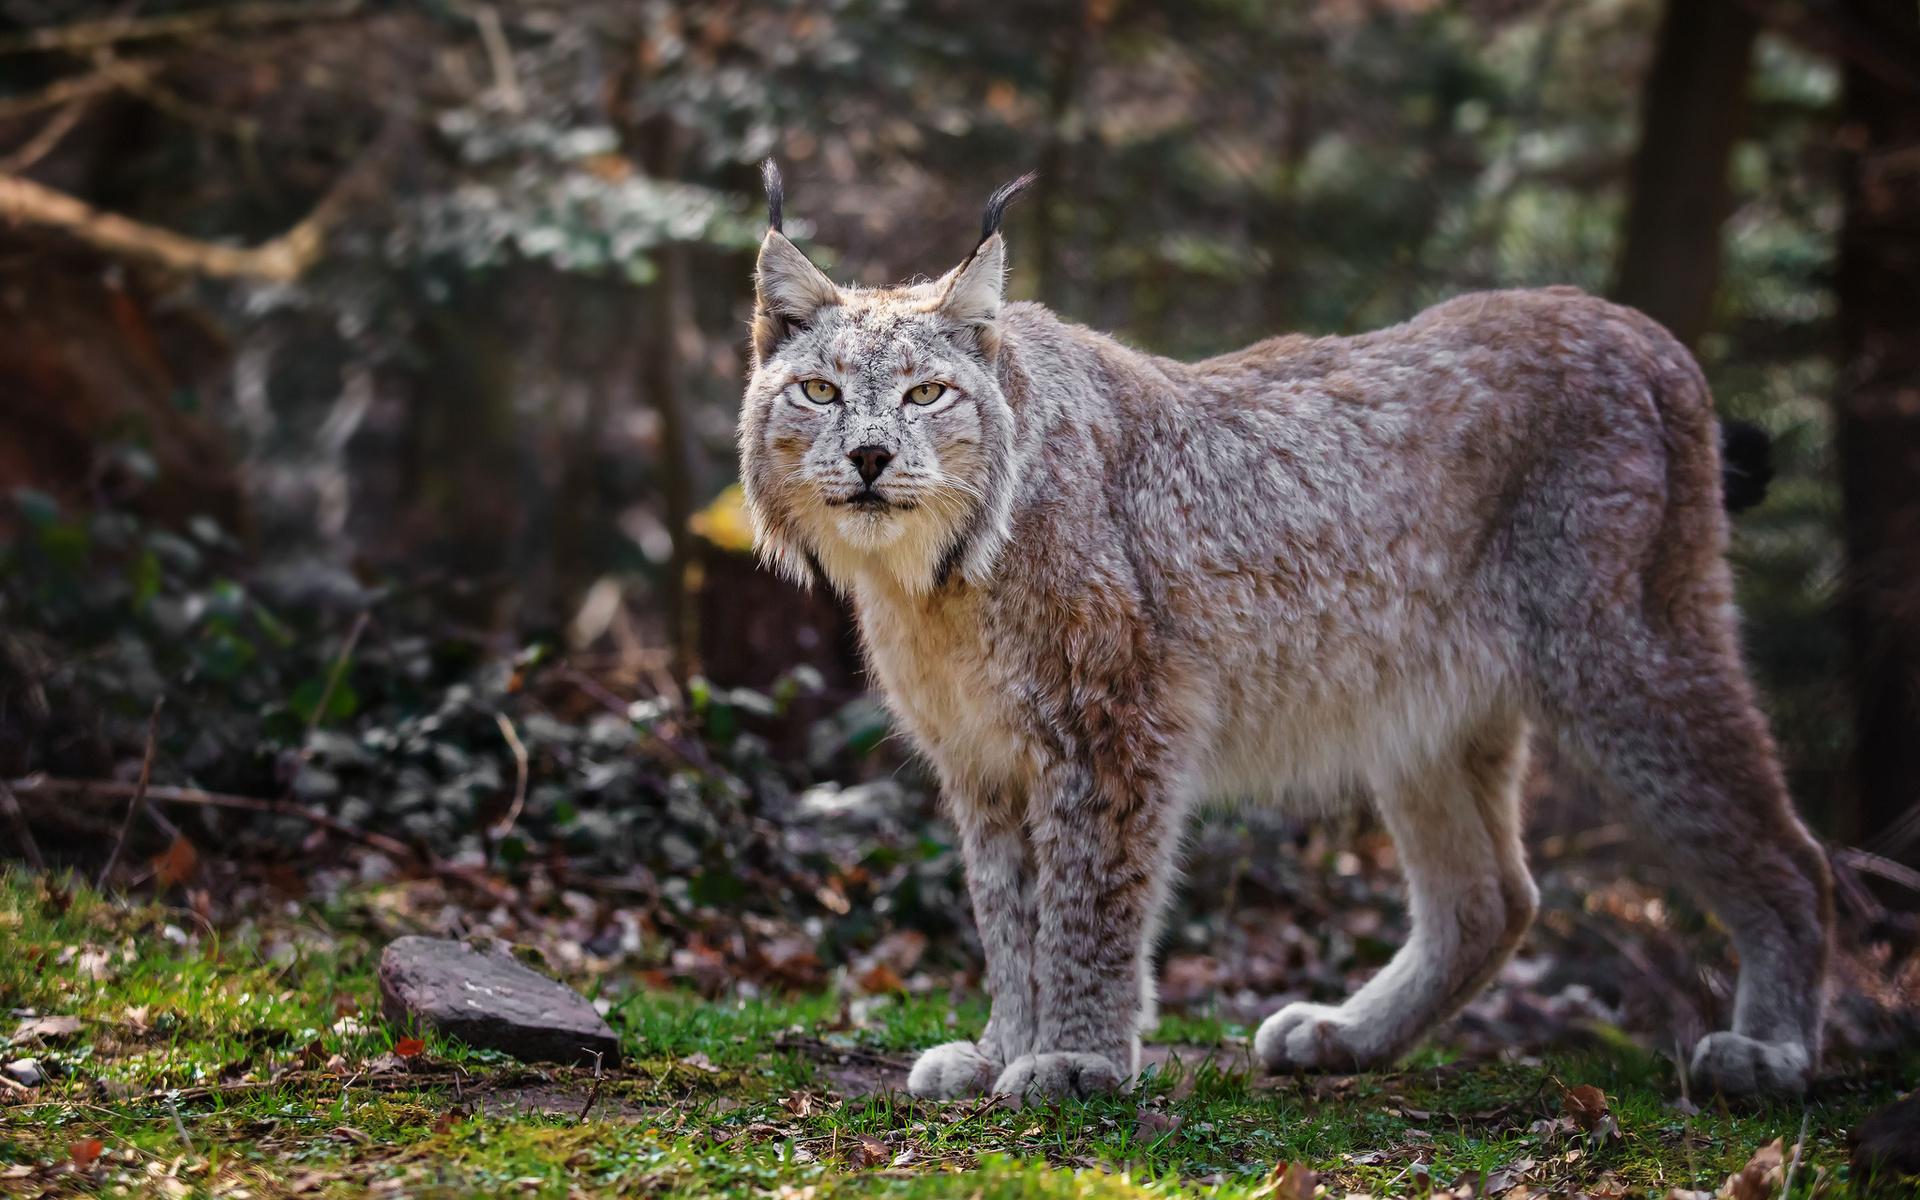 Картинка про диких животных в лесу